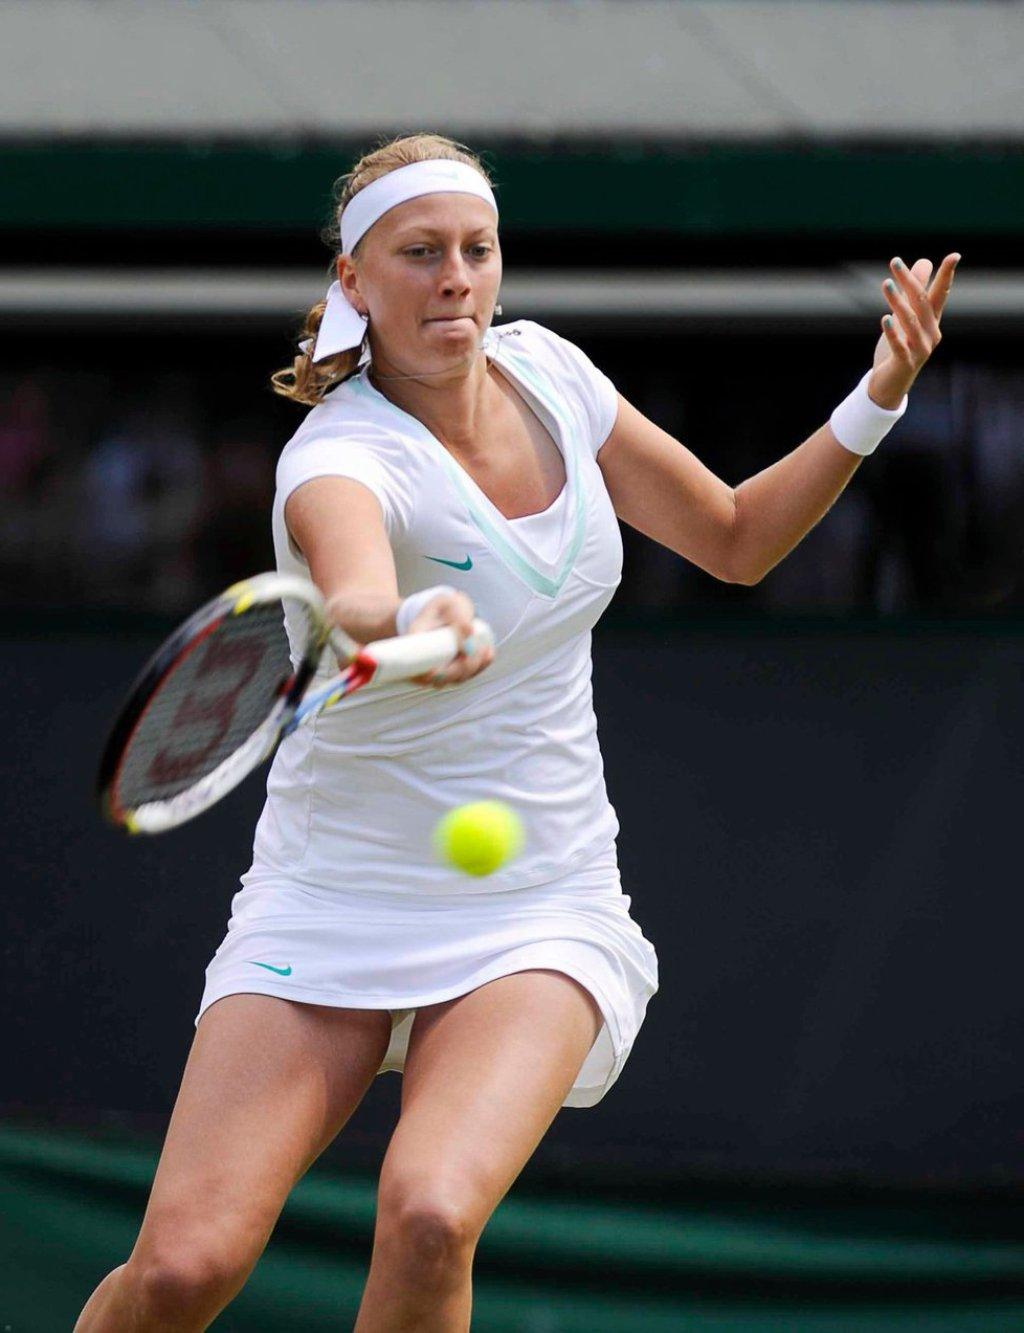 kvitova - photo #10